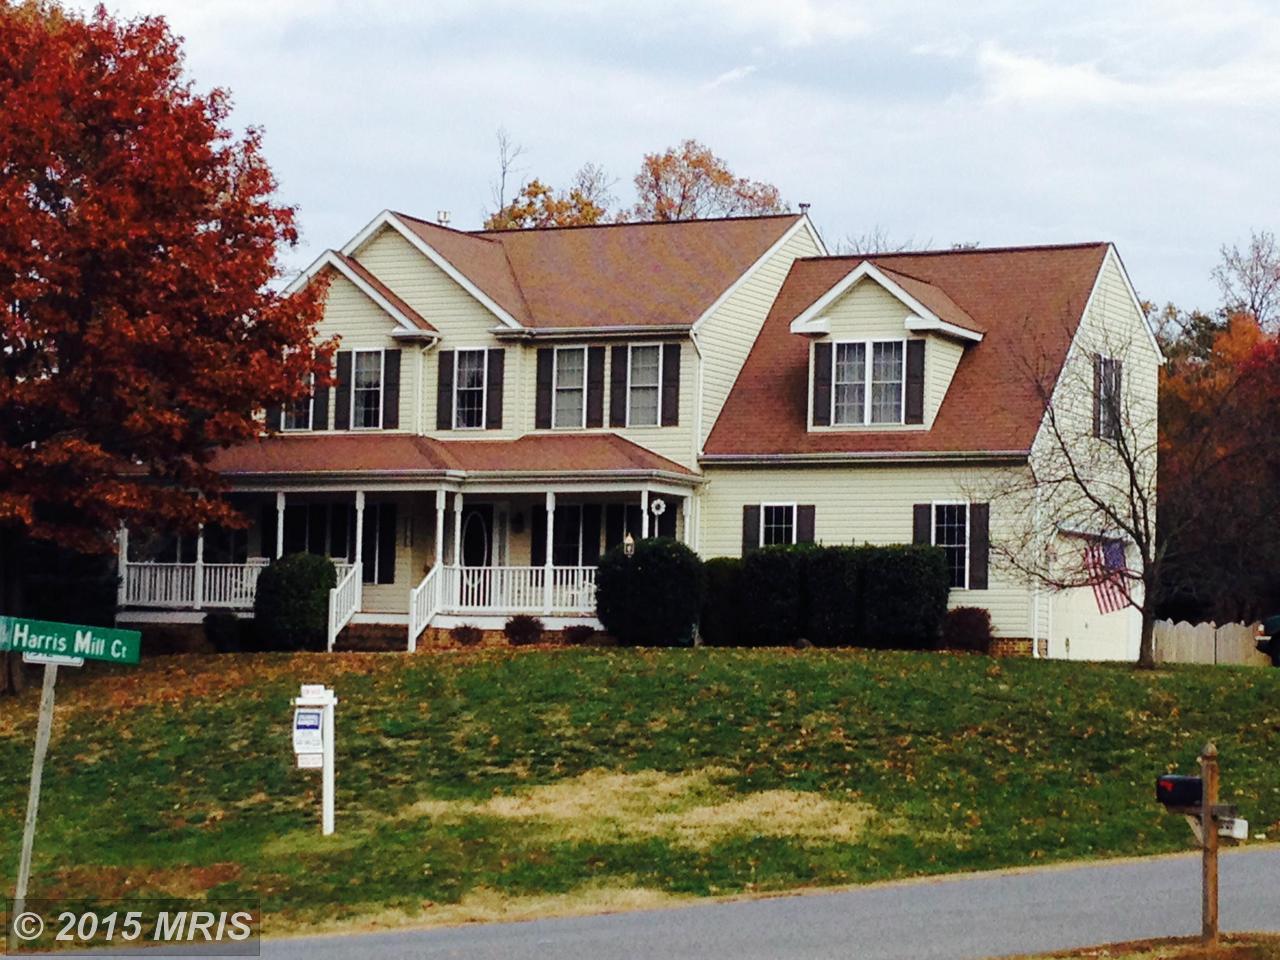 11700  Harris Mill,  Fredericksburg, VA